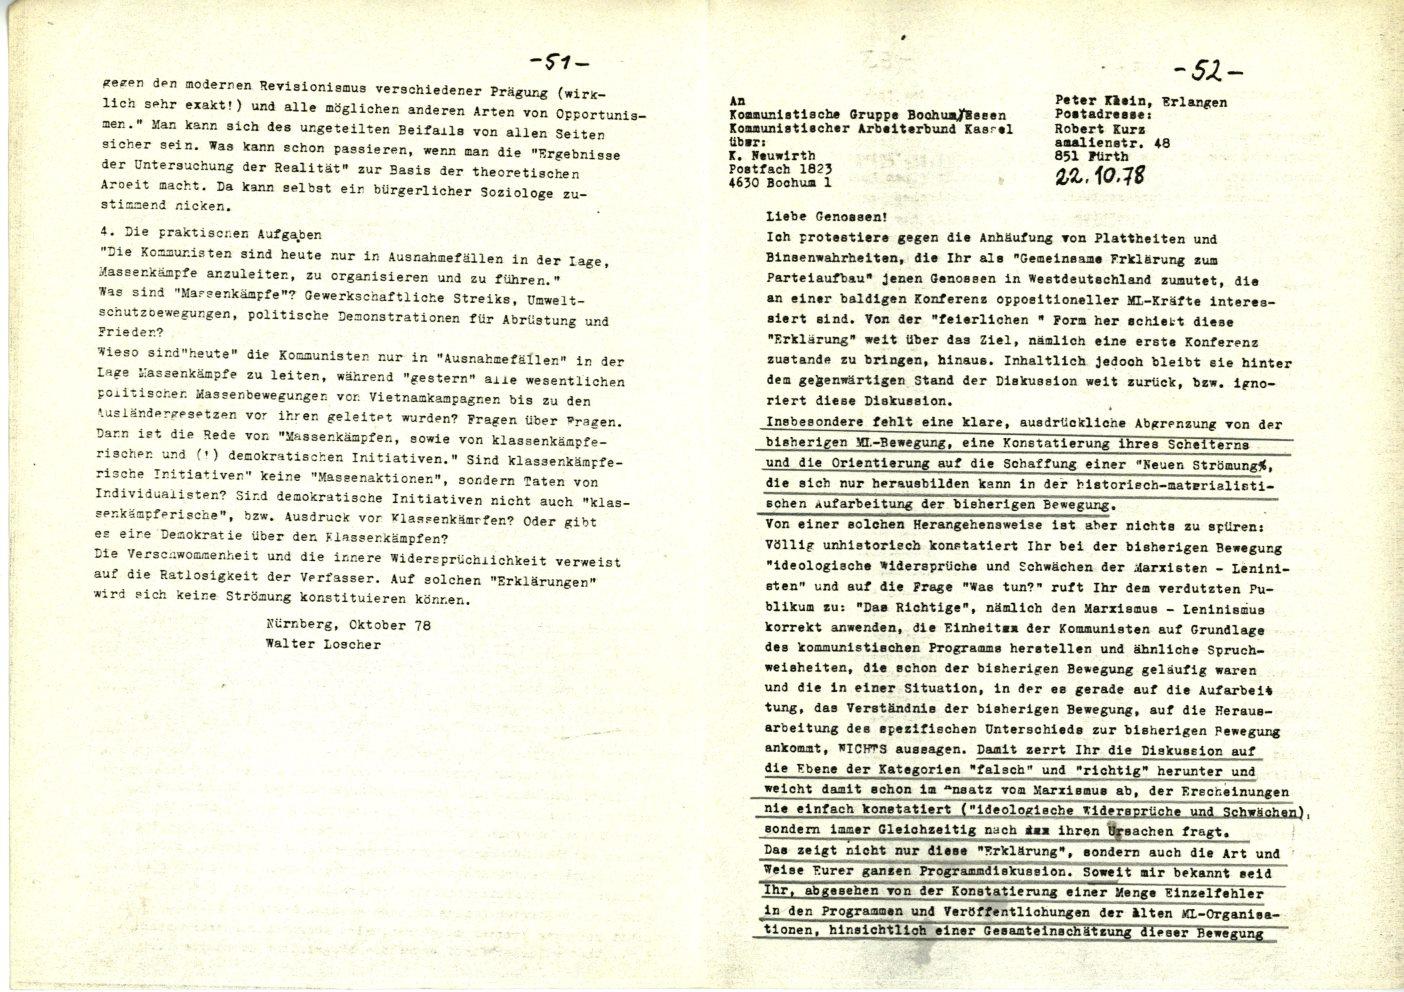 Nuernberg_Fuerth_Erlangen_ML_Diskussionsbeitraege_1978_01_27